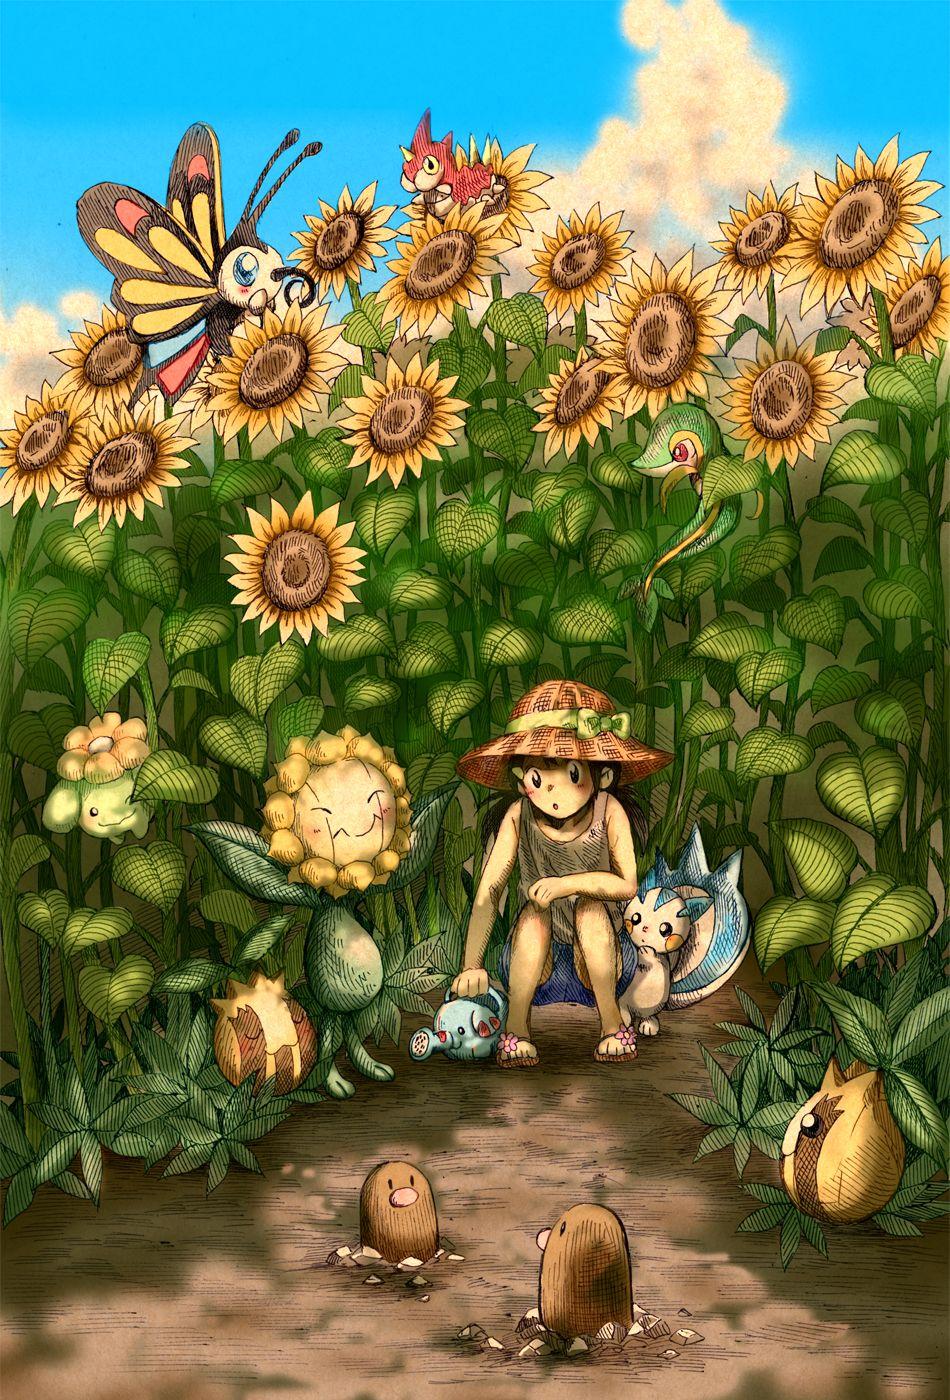 Tags Fanart Pokémon Pachirisu Beautifly Sunkern Wurmple